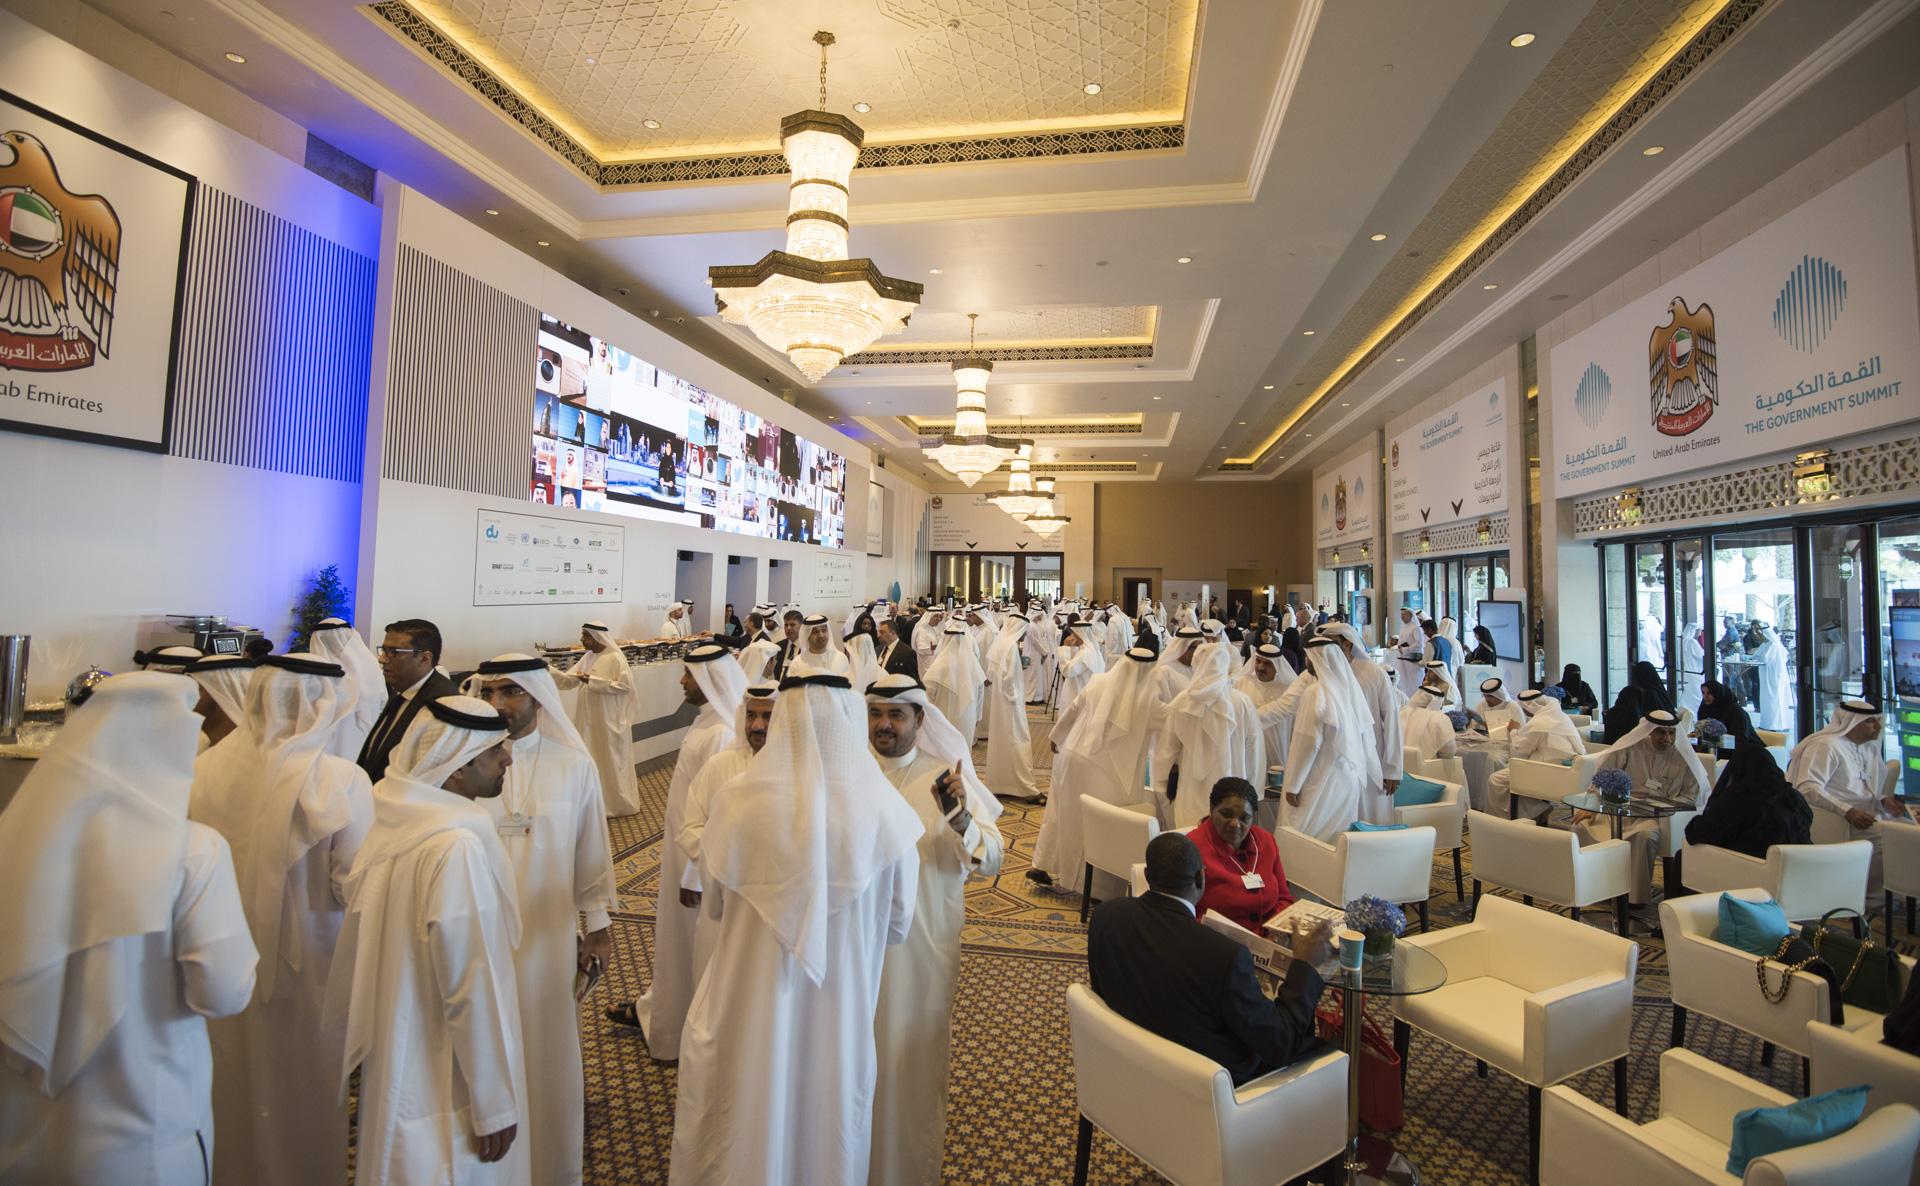 28,6 مليار درهم قيمة مكاسب الاستثمارات الأجنبية في دبي